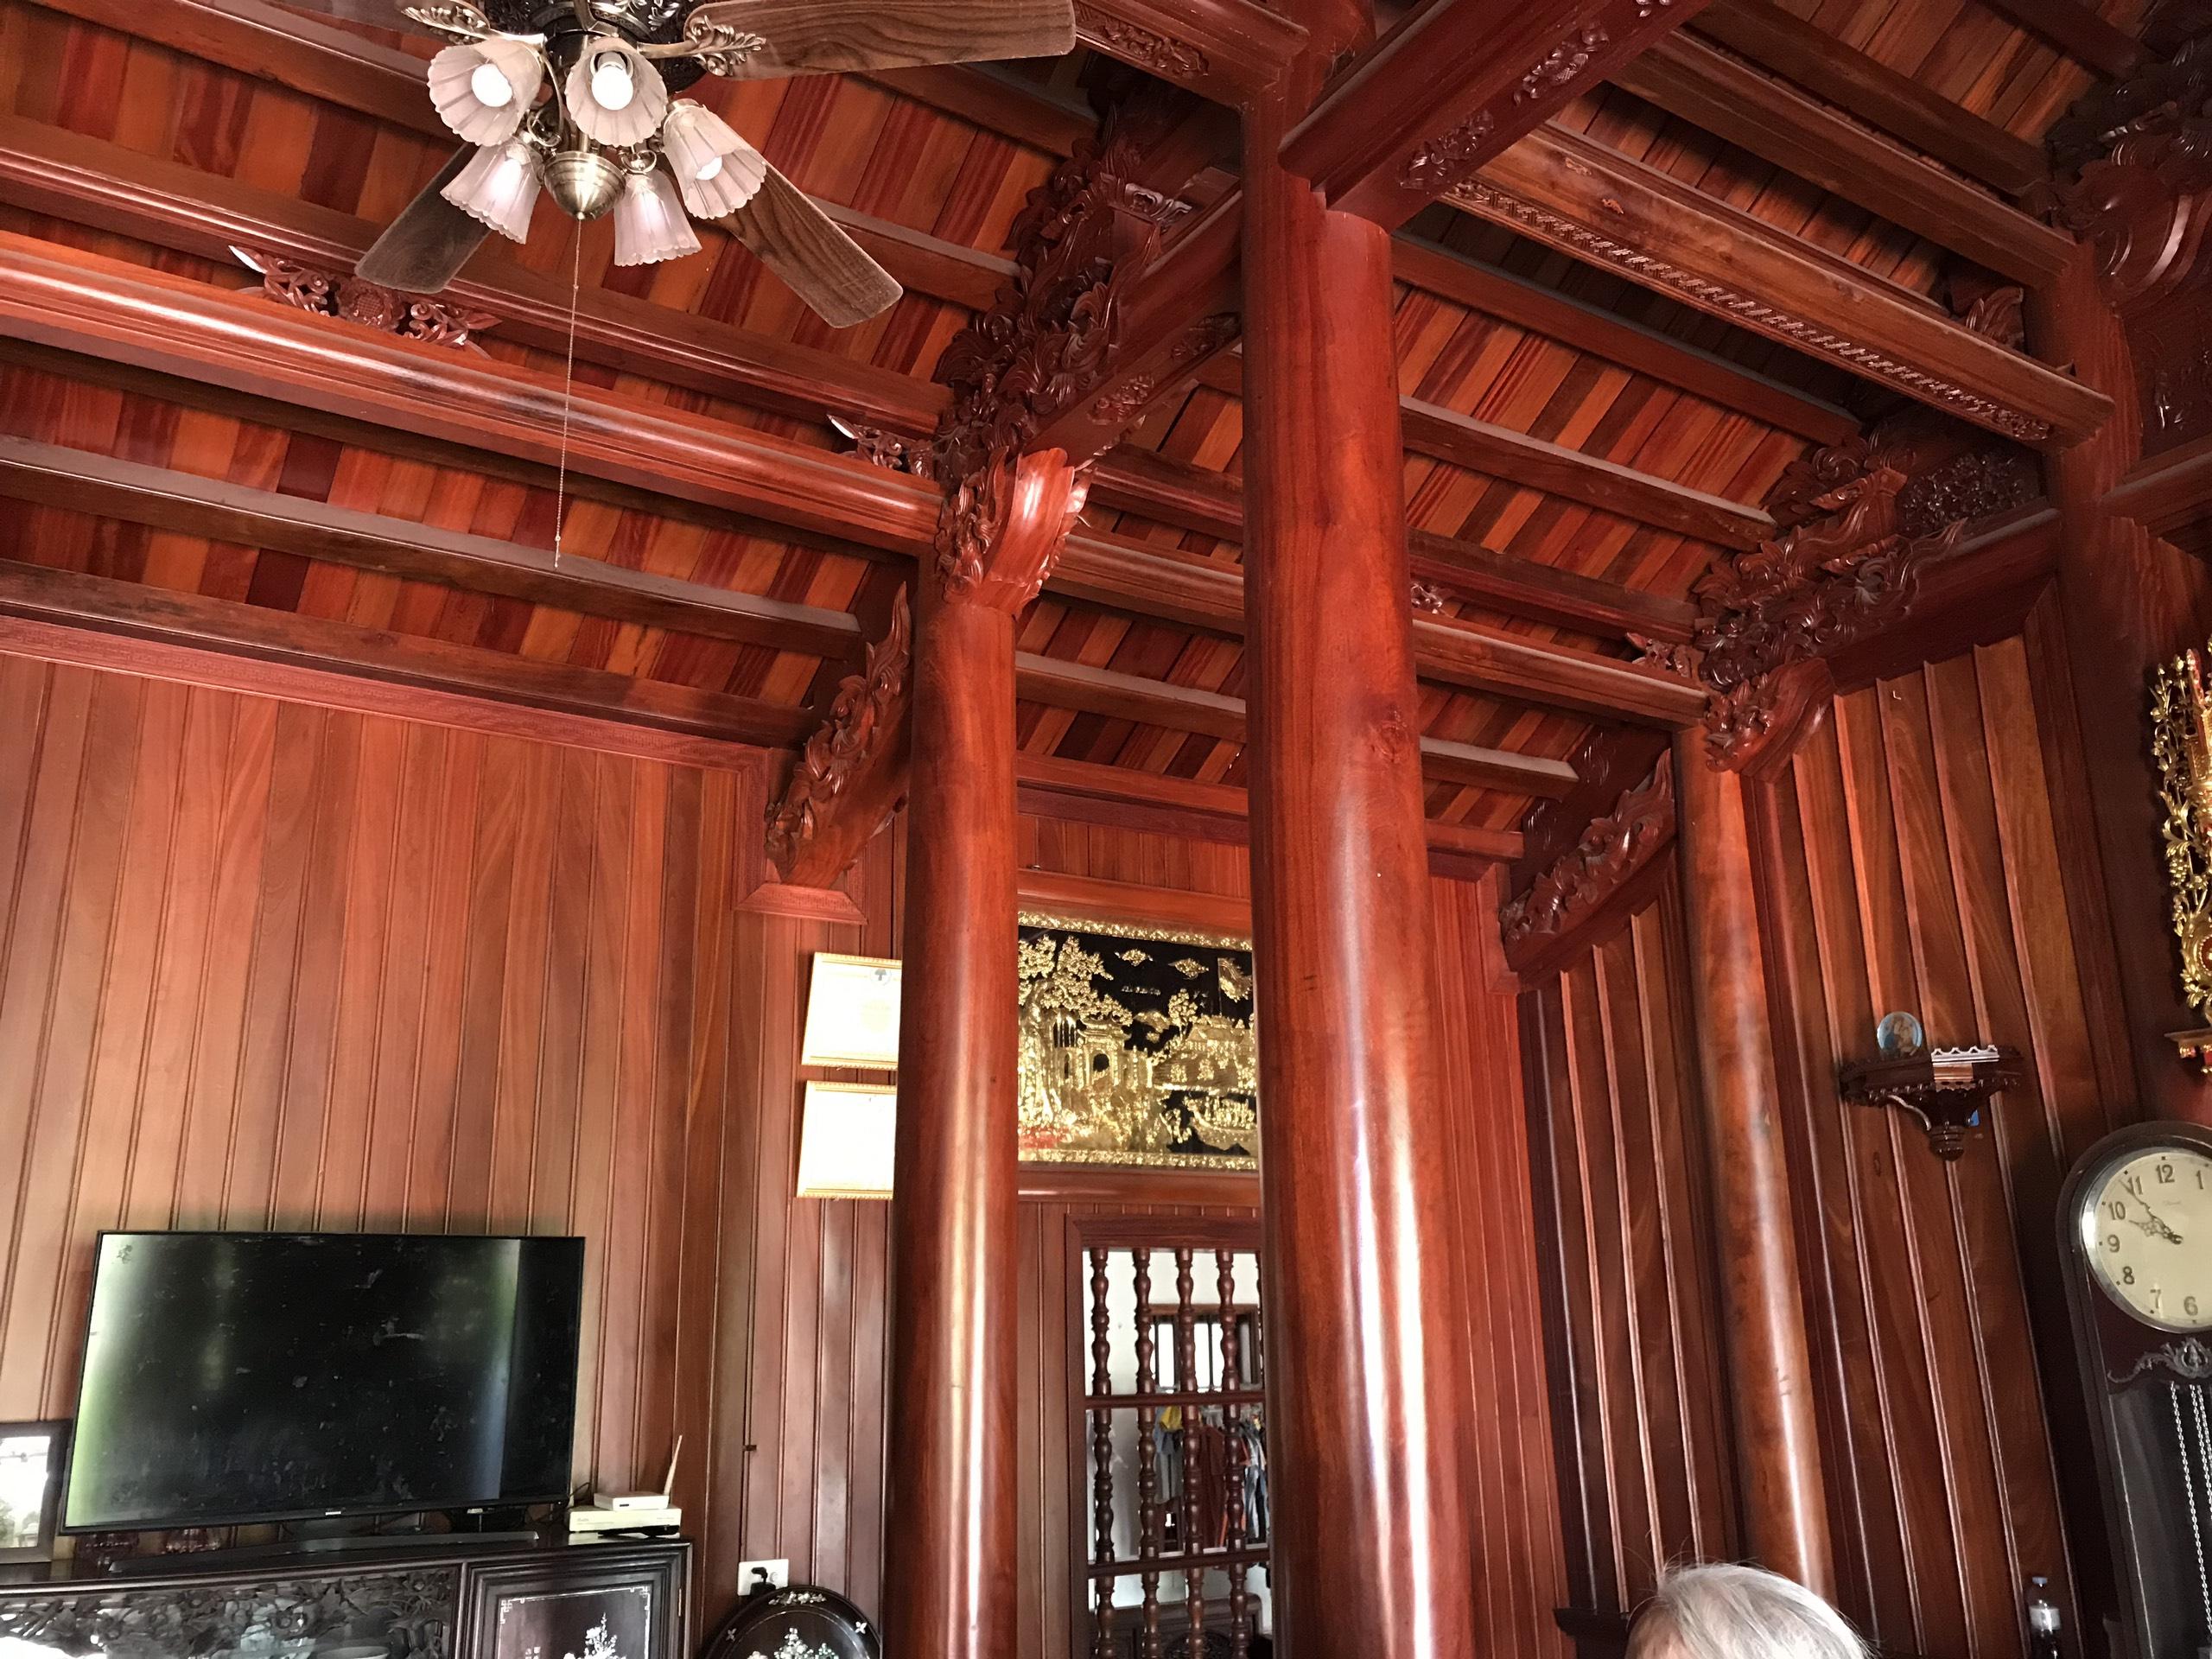 nha go xua - Nhà Gỗ Lim - Nhận Thiết Kế & Thi Công